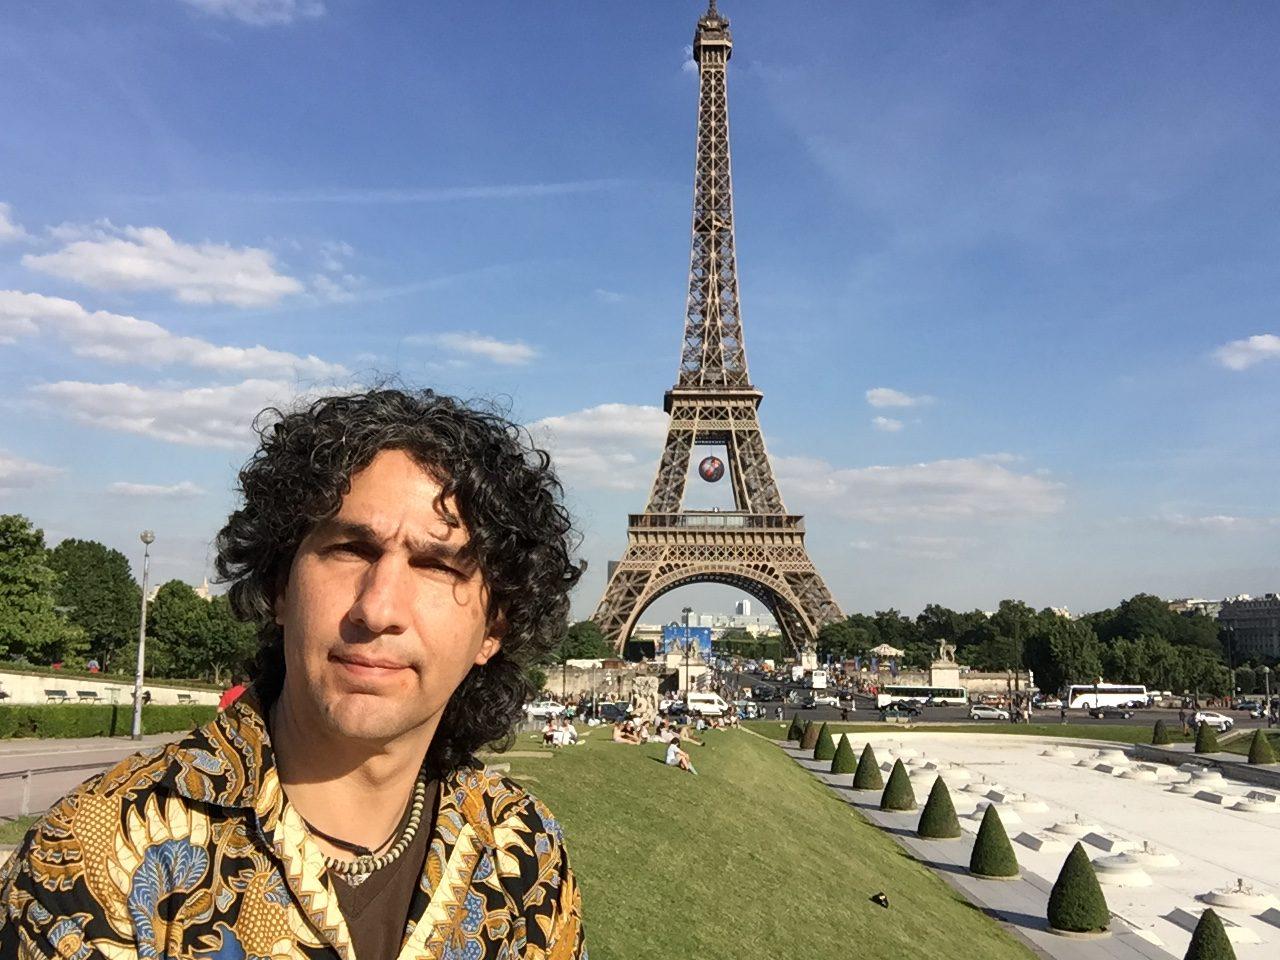 Vivió en Poitiers, Francia por un año y pudo viajar por toda Europa.